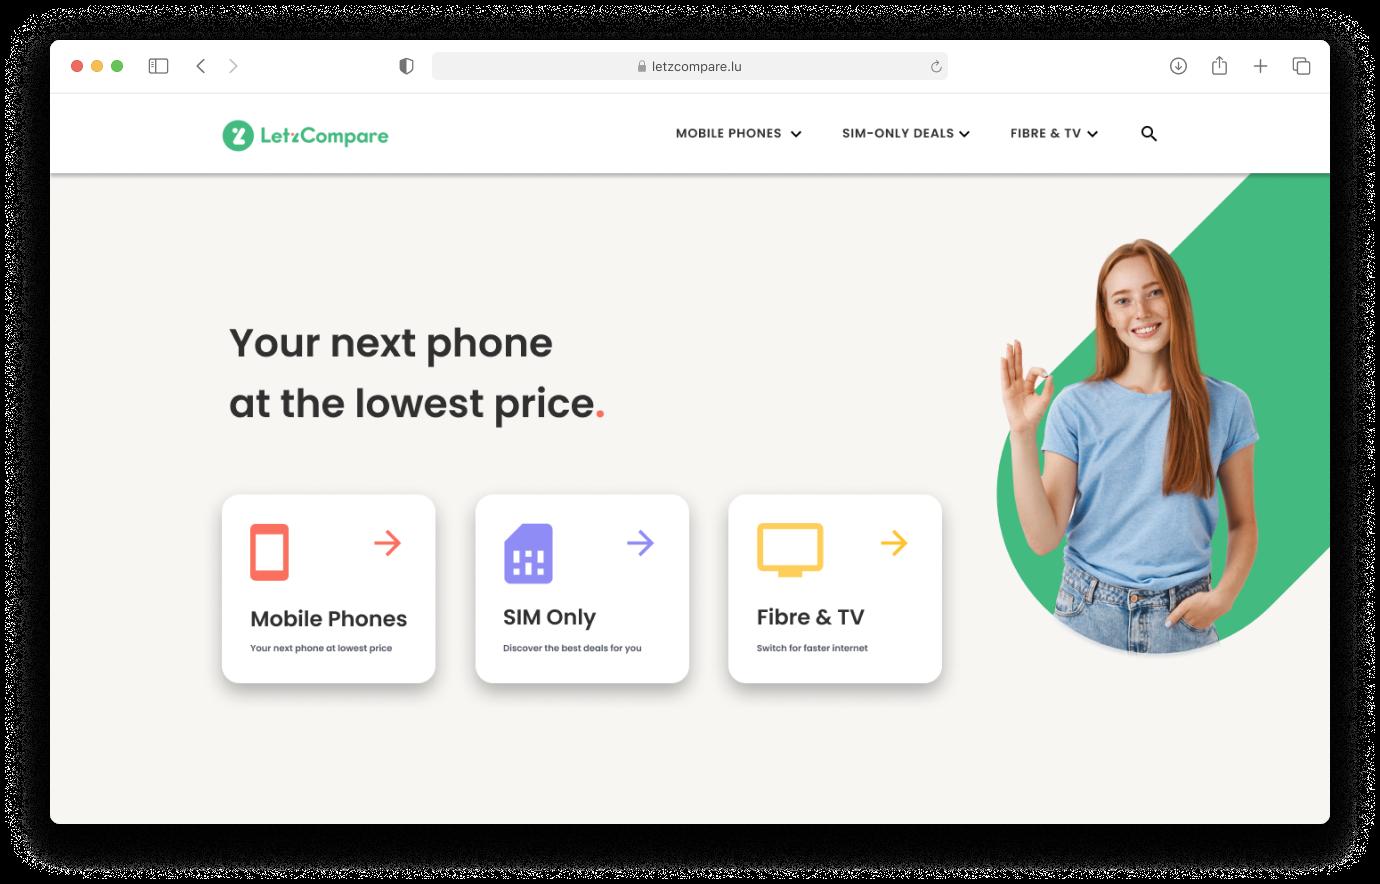 Website's landing page mockup